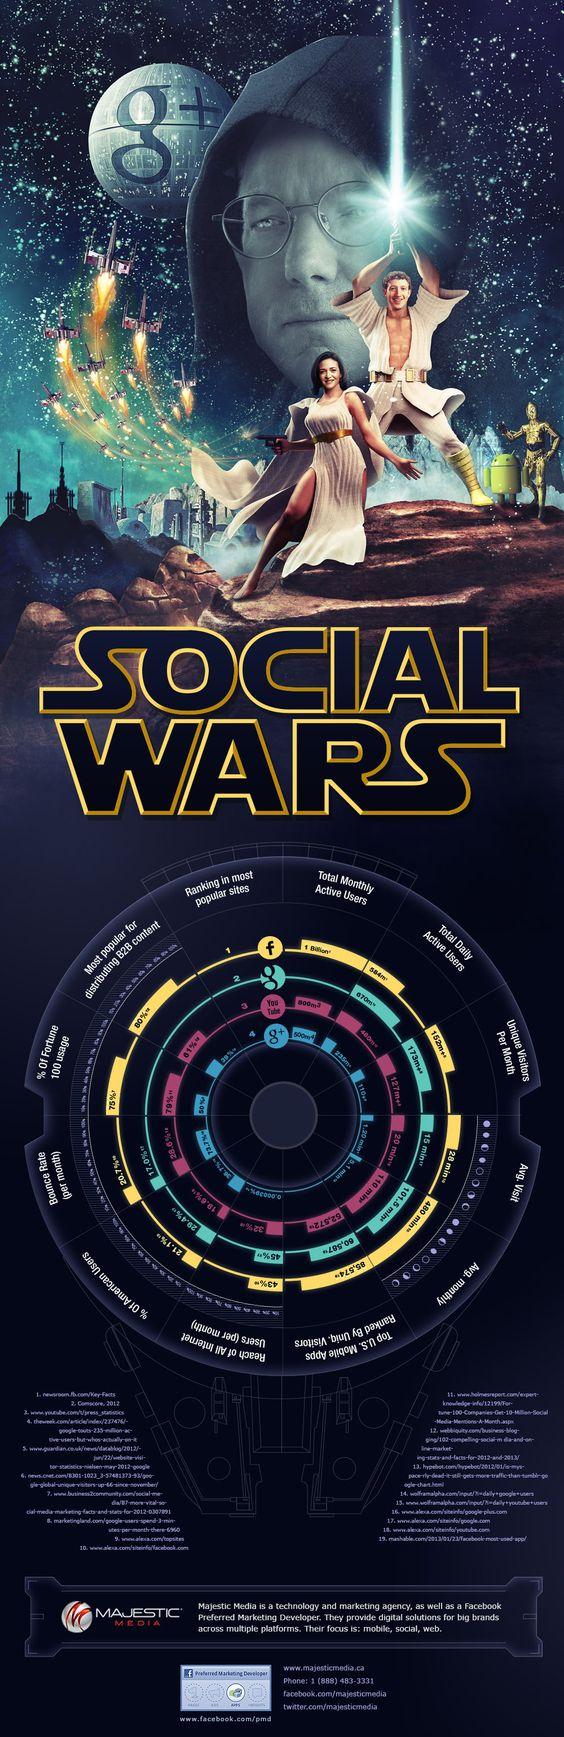 La guerra de las Galaxias del Social Media #infografia #infographic #socialmedia